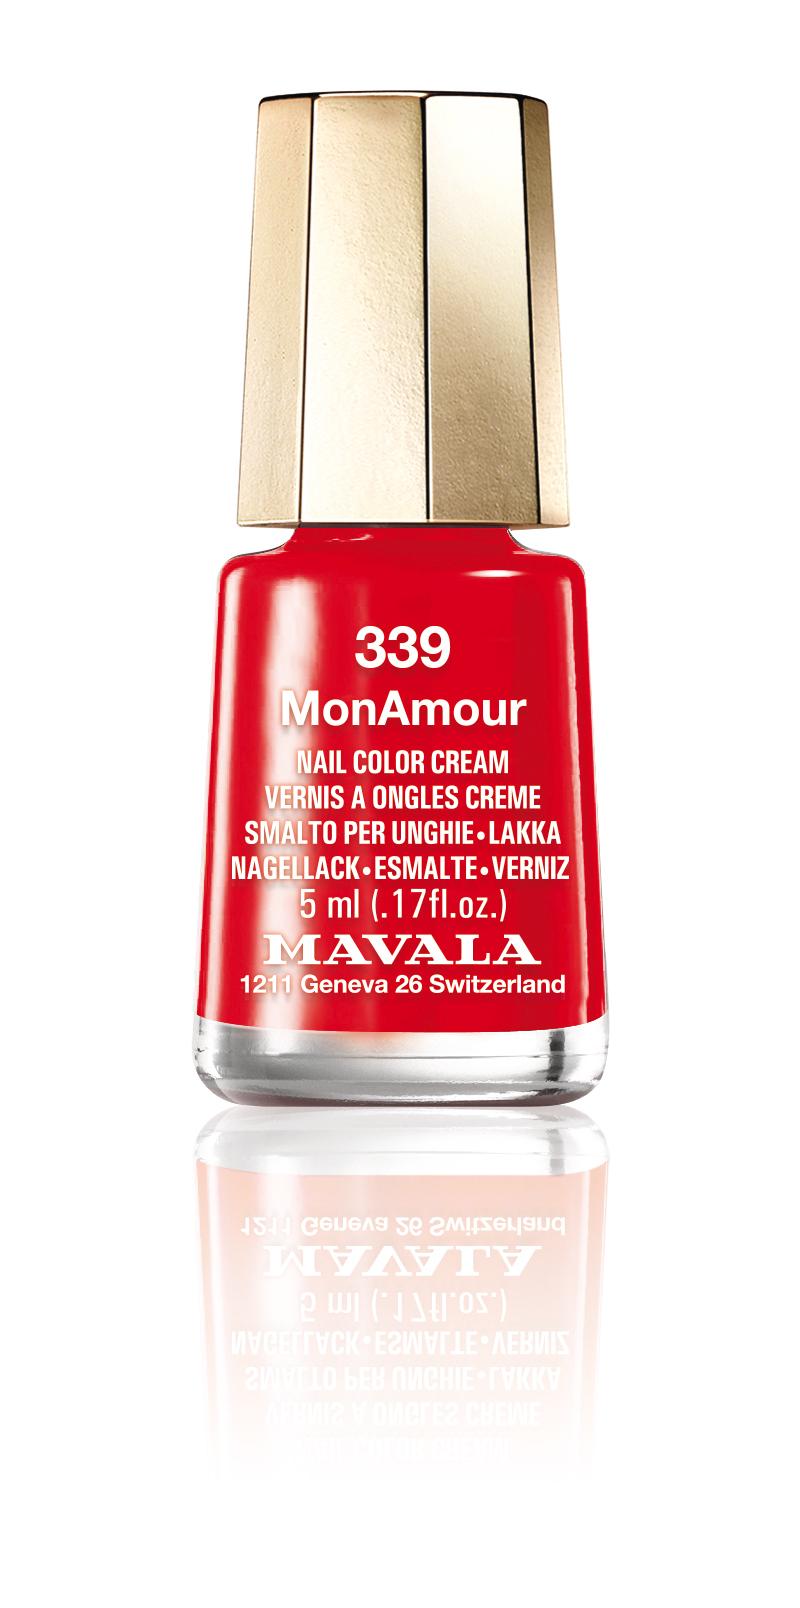 339 MONAMOUR